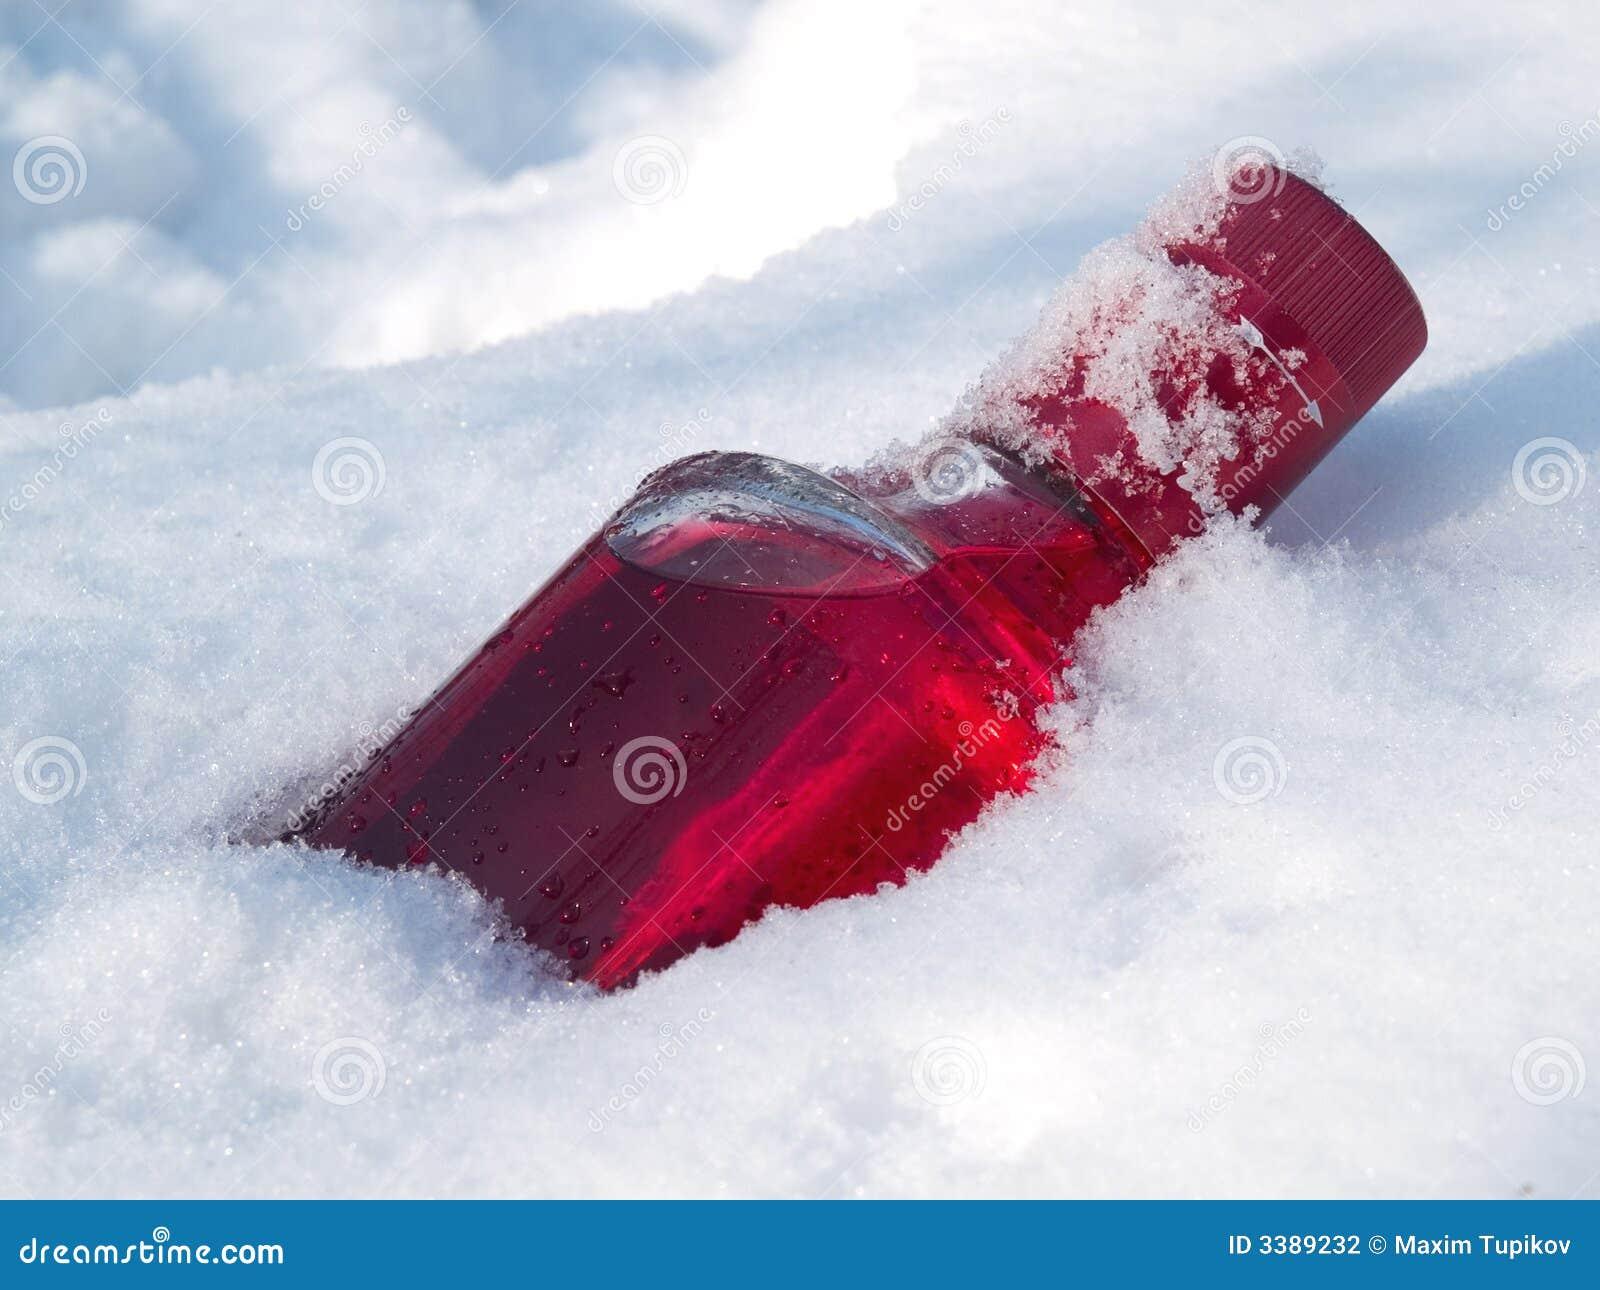 Moosbeerewodka im Schnee